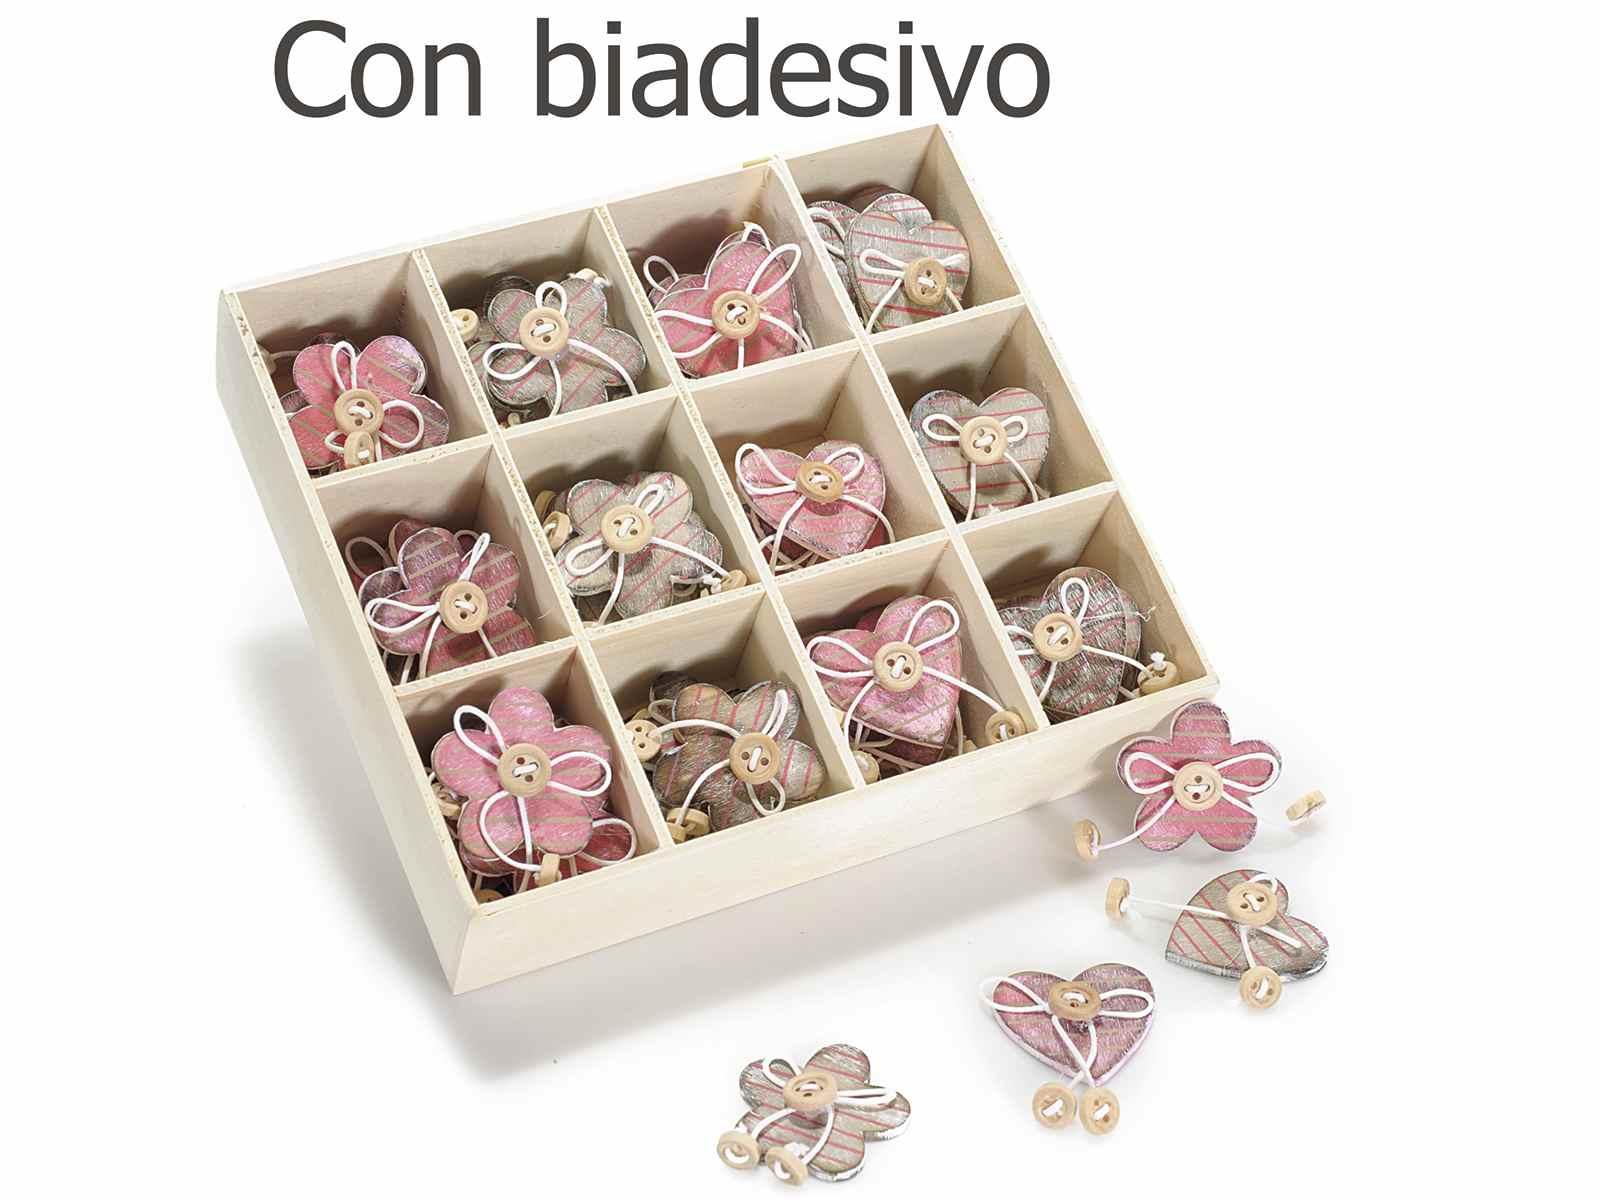 Espositore 60 decorazioni legno con bottoncini e biadesivo - Decorazioni in legno ...